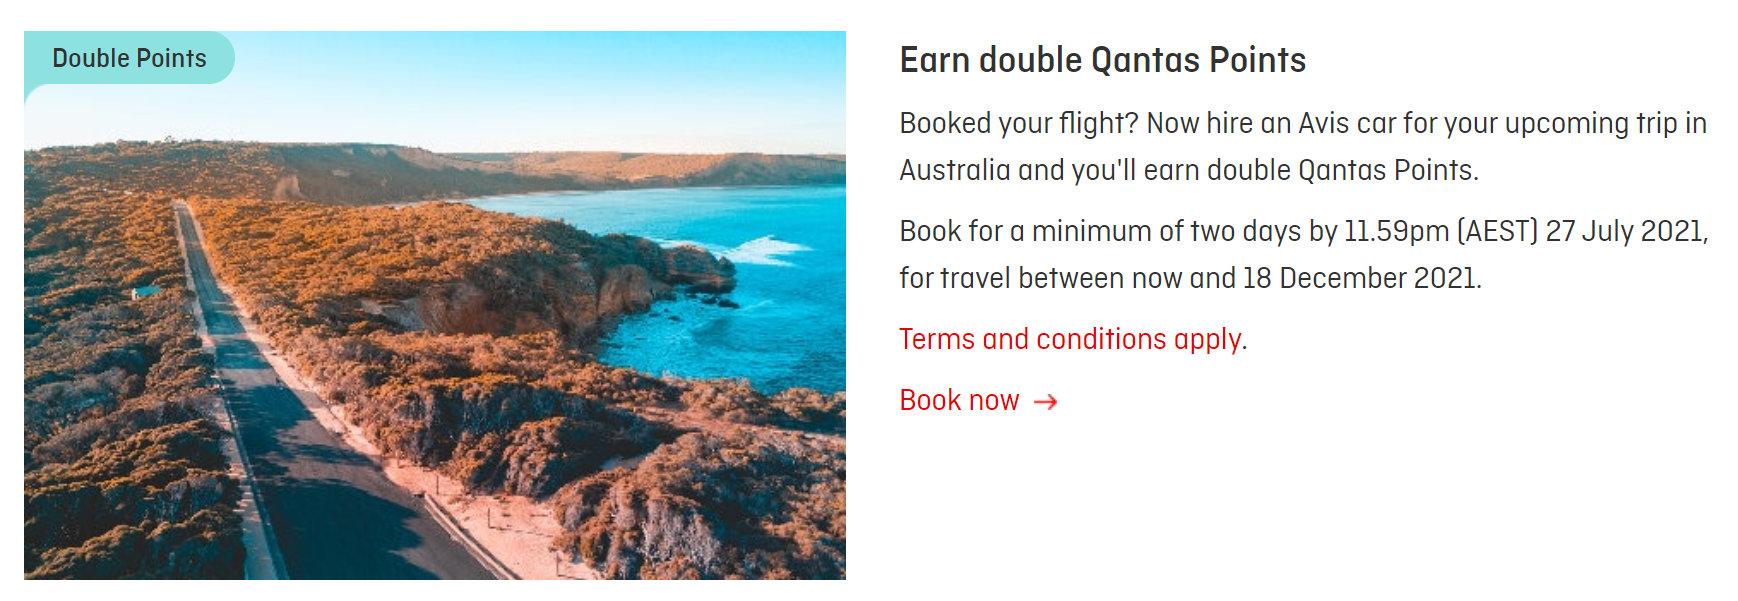 Avis-Qantas-Offer